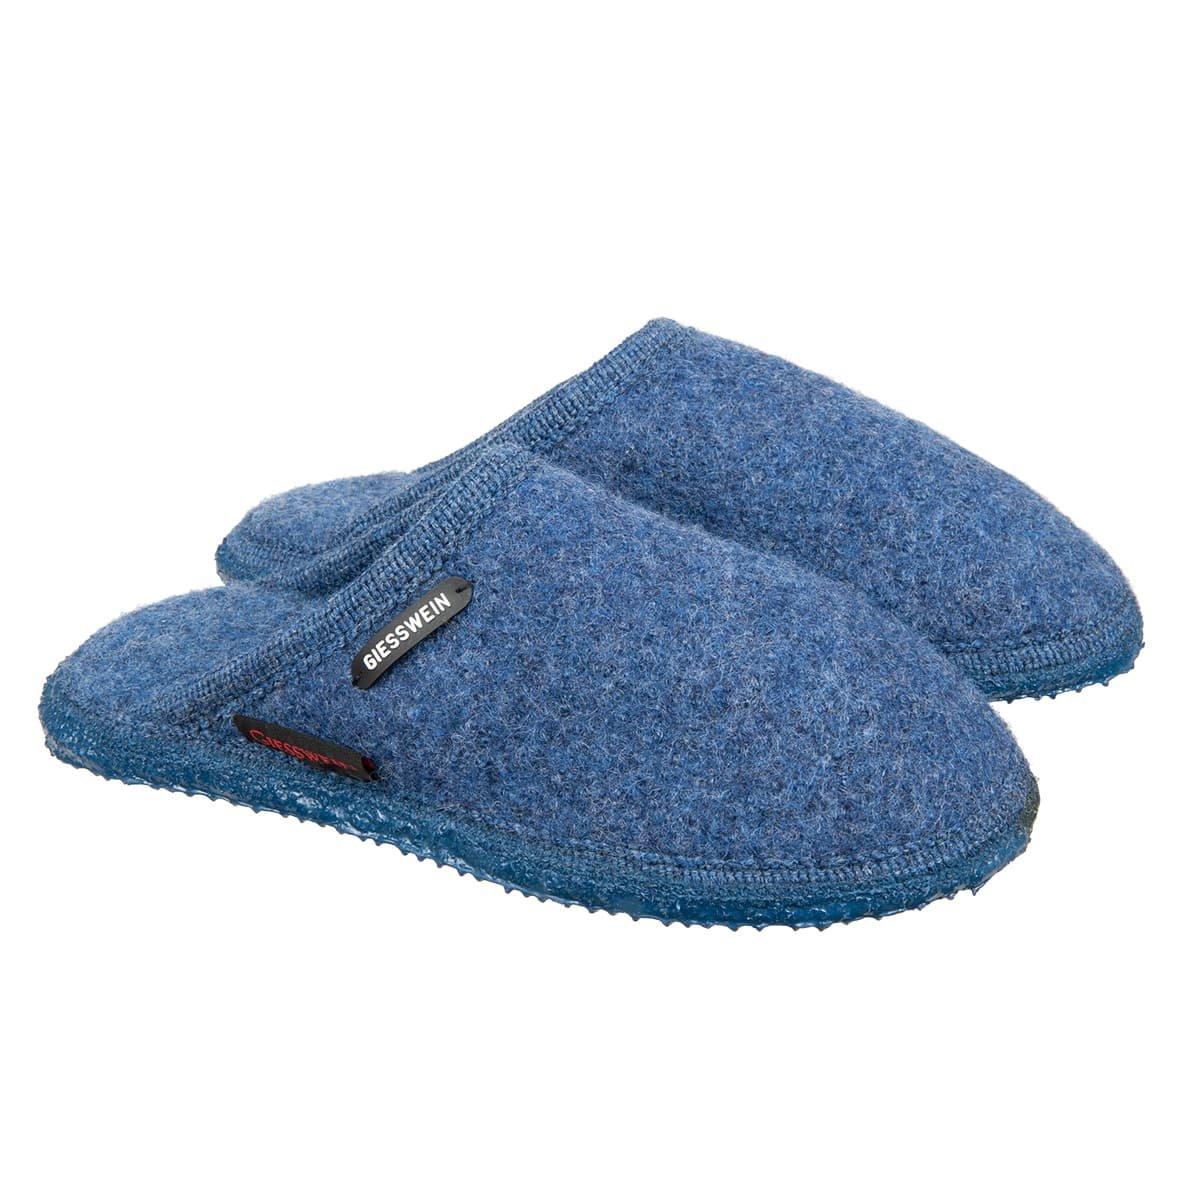 5e766d427709a1 Pantoffeln von Giesswein Modell Tino mit flachem Einstieg und rutschfester  Sohle - Bestseller!